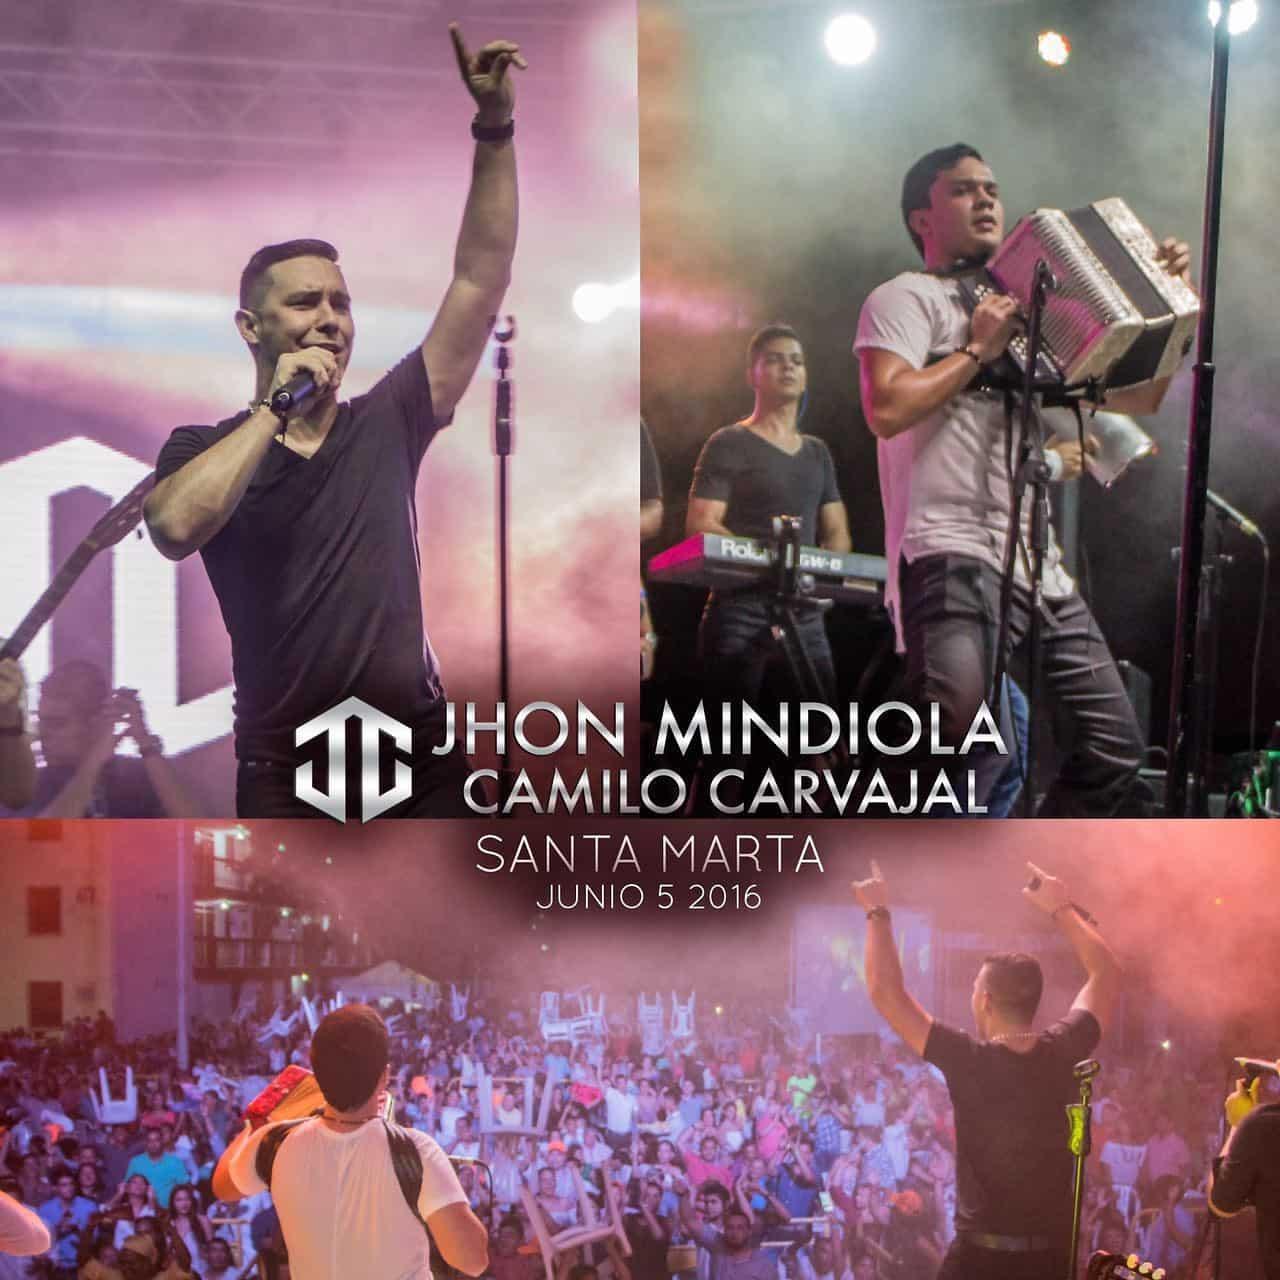 Un fin de semana exitoso para Jhon Mindiola y Camilo Carvajal